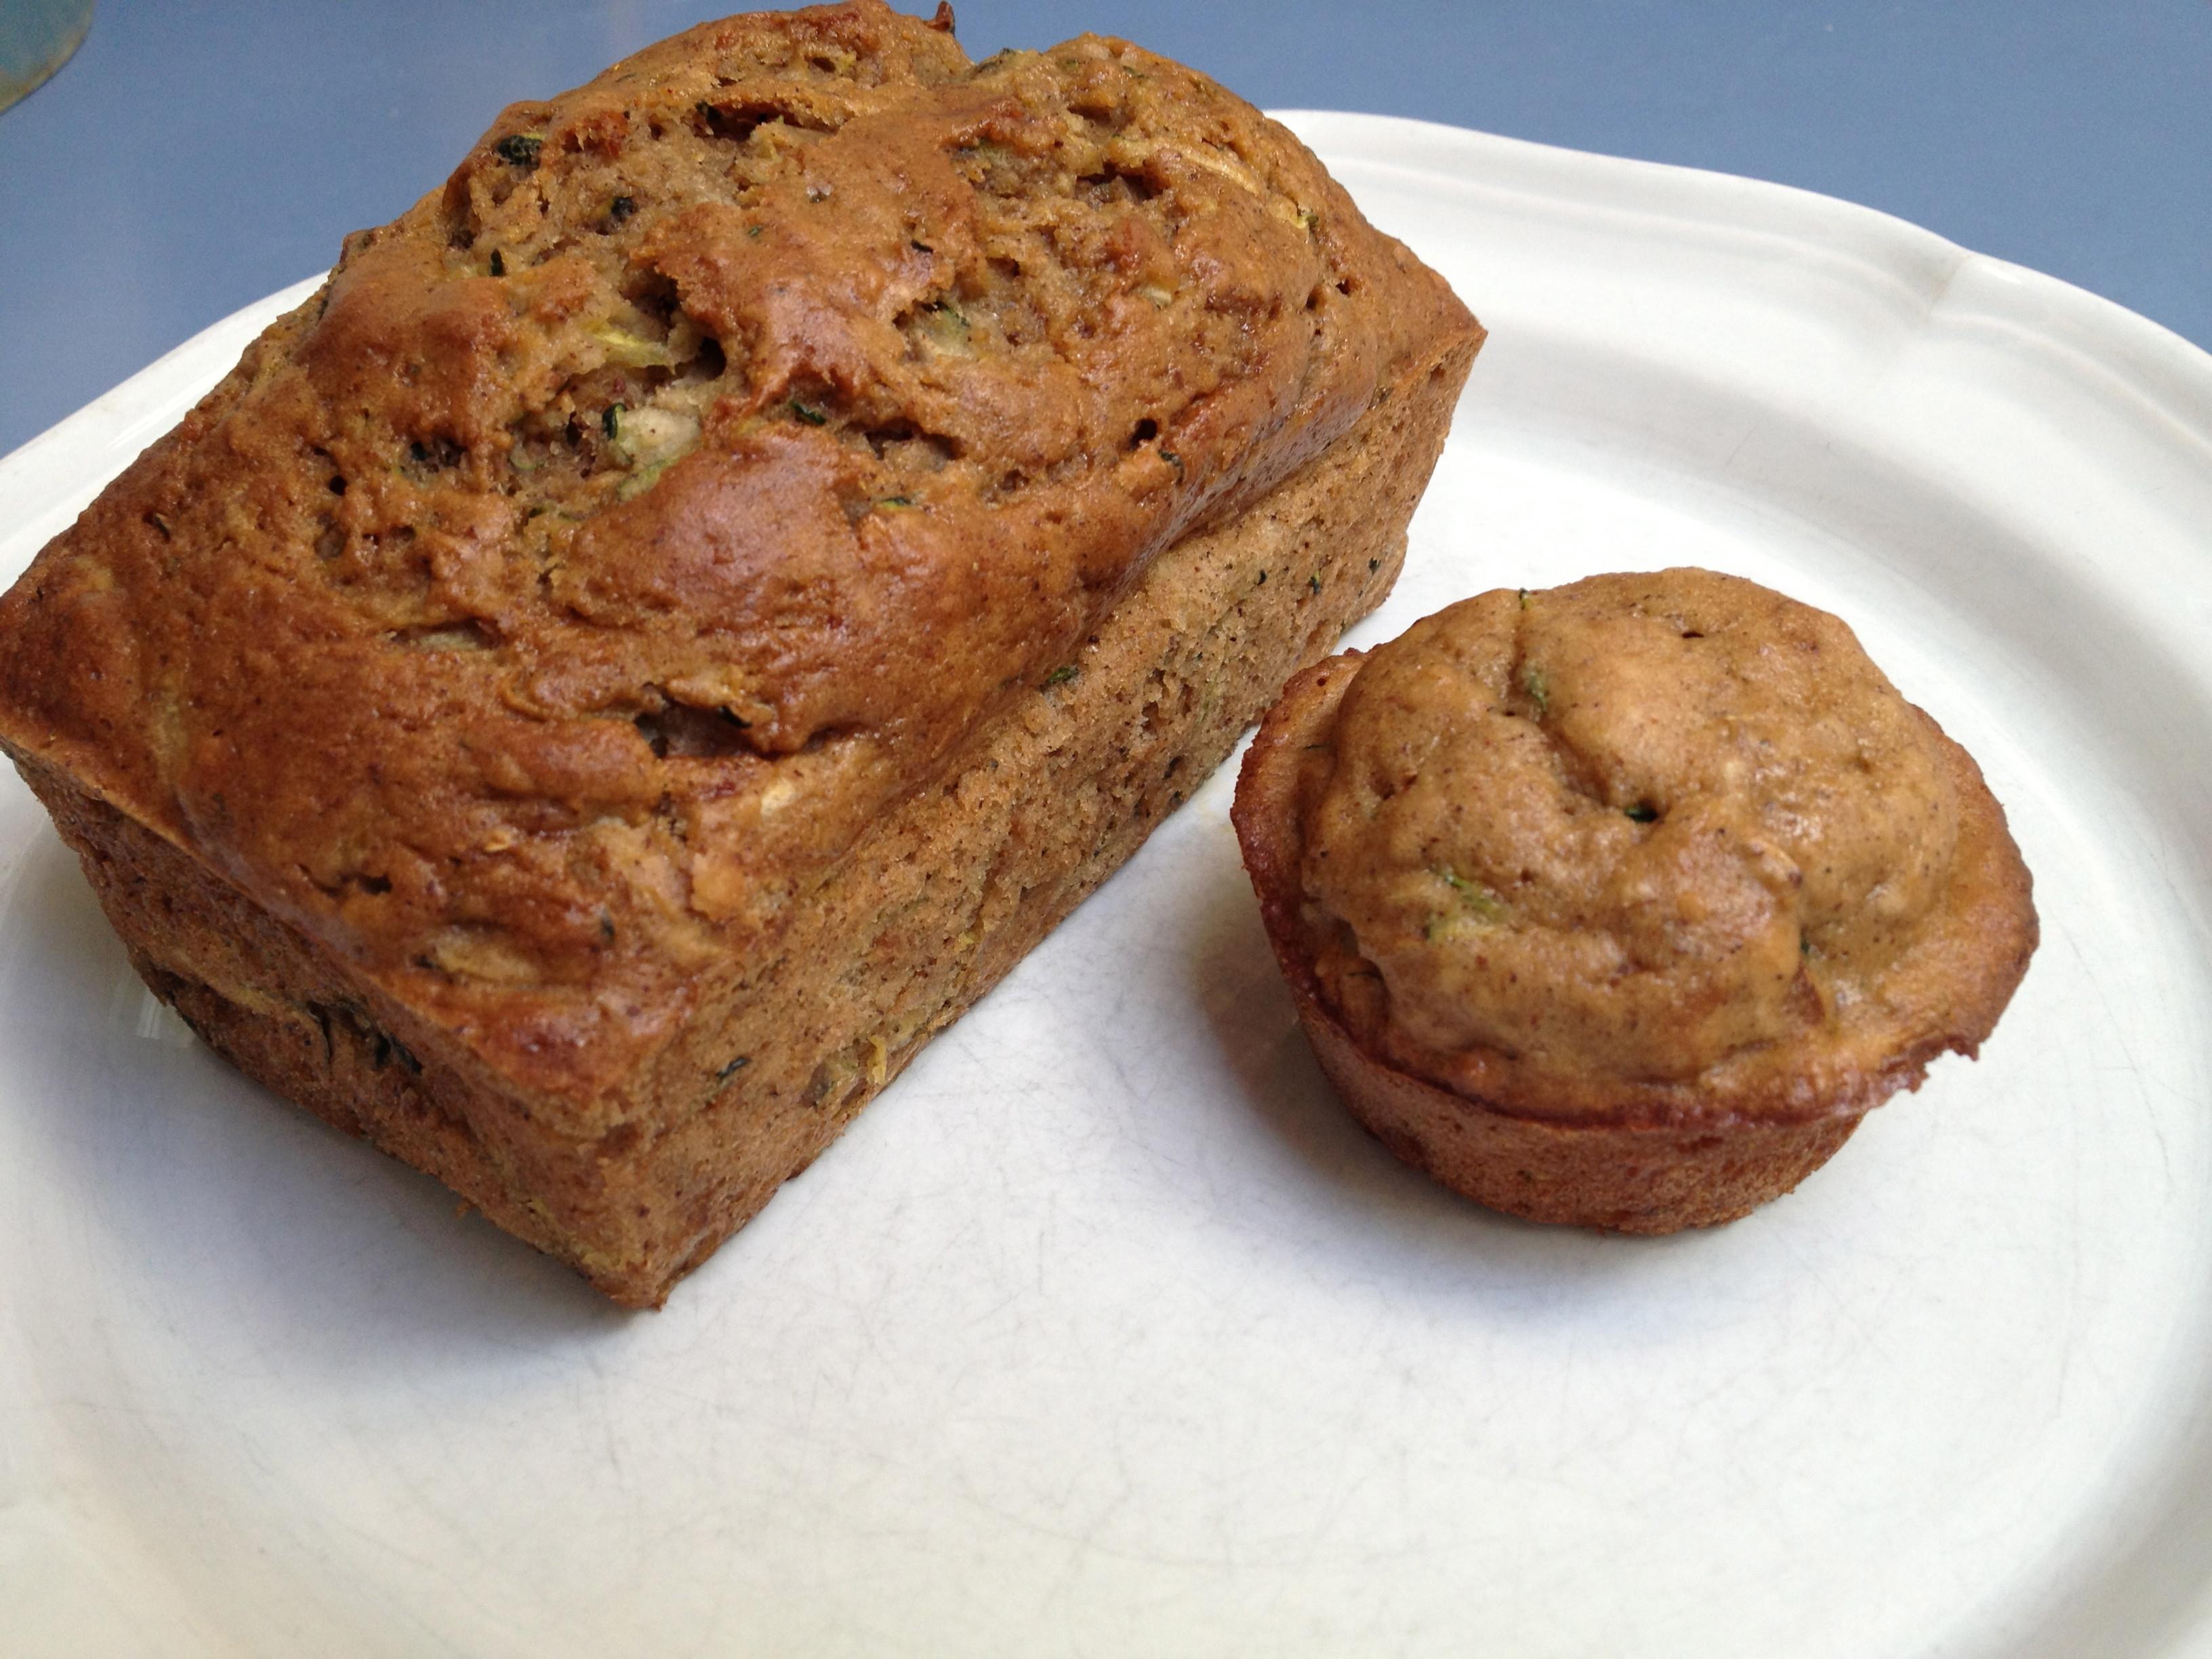 Healthy Zucchini Bread  Zucchini Bread healthy style – Growing Weisser